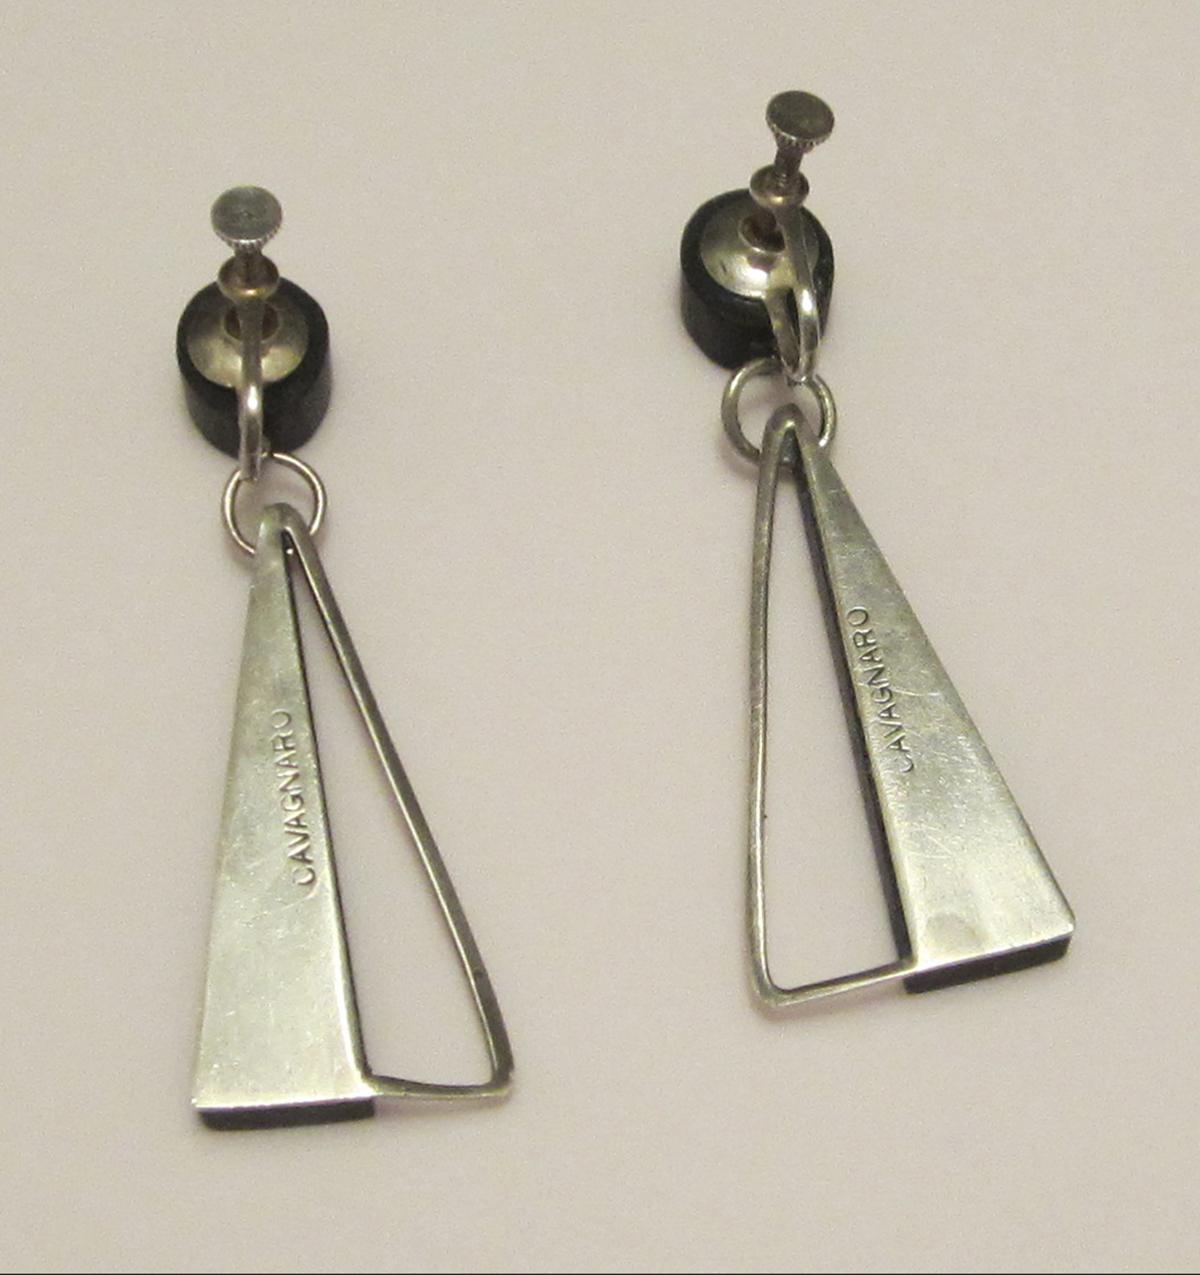 moderne design milton cavagnaro mid century jewelry designer